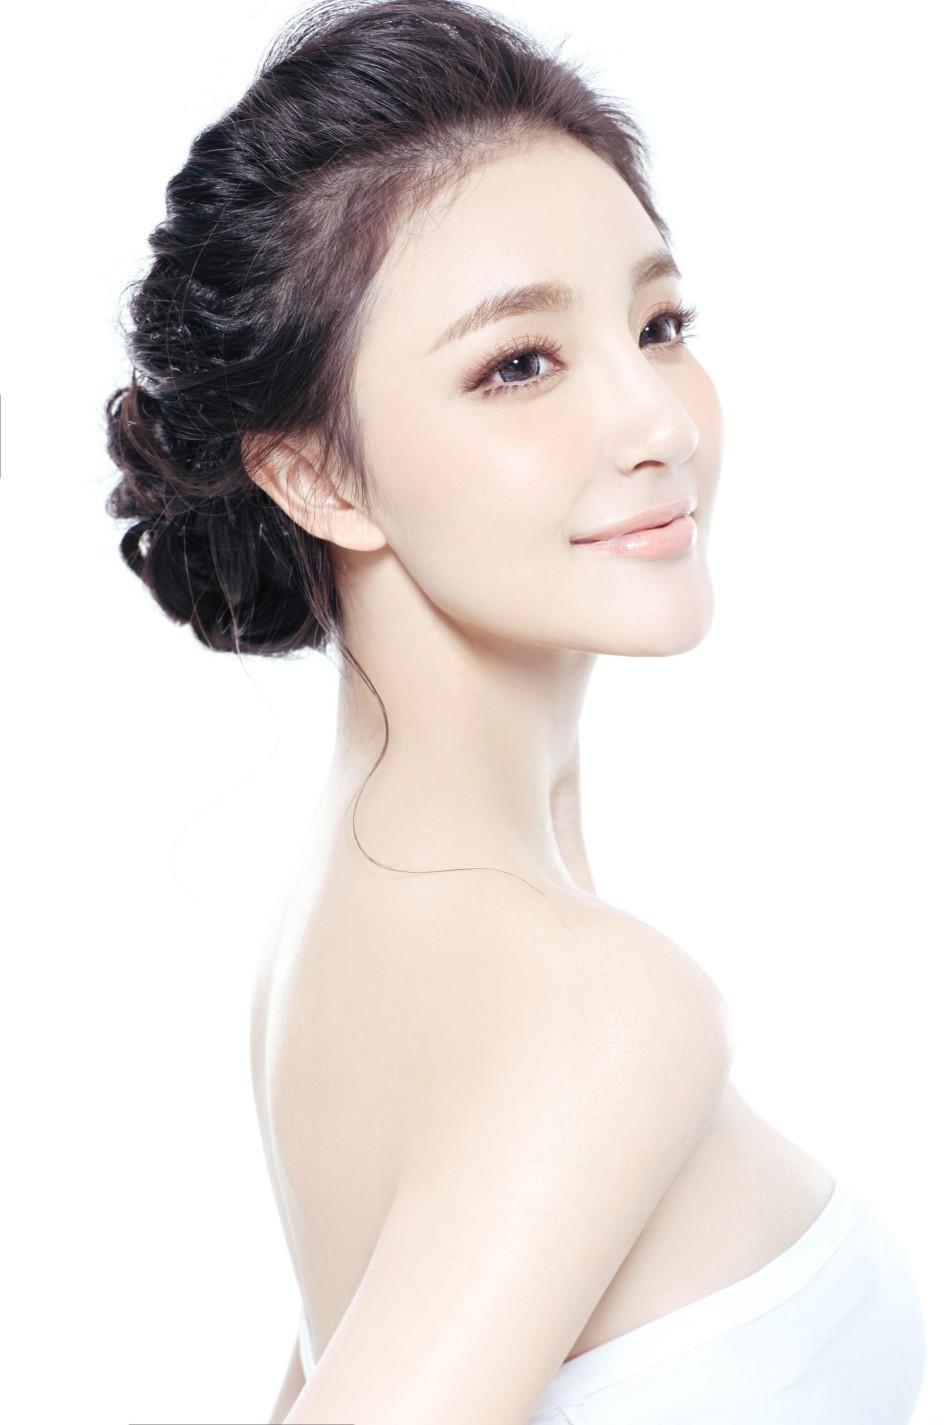 http://www.sinaimg.cn/dy/slidenews/4_img/2013_09/704_898608_812801.jpg